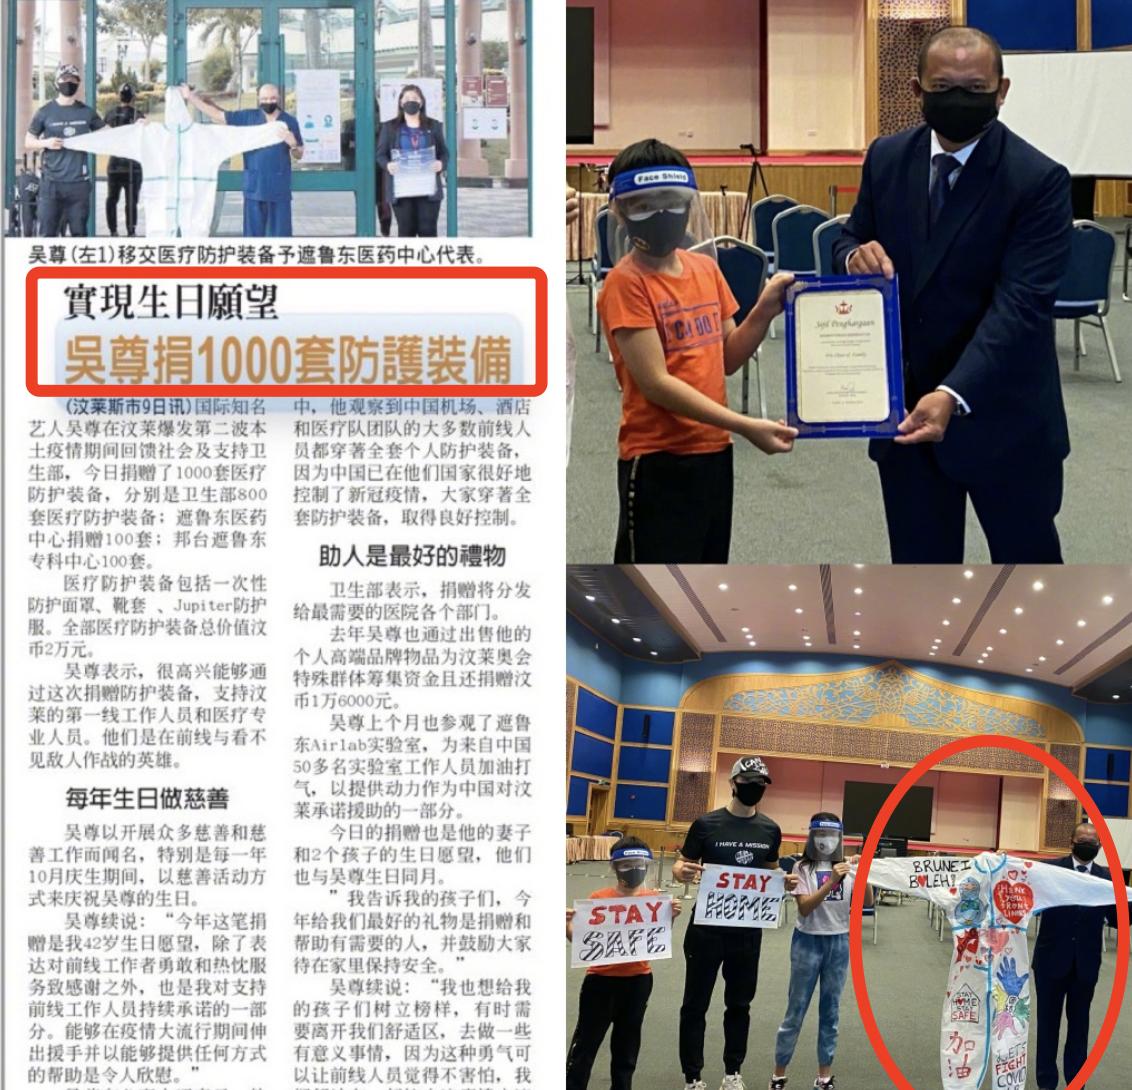 吴尊一家四口同庆生,捐献1000套防护服,称助人是最好的礼物